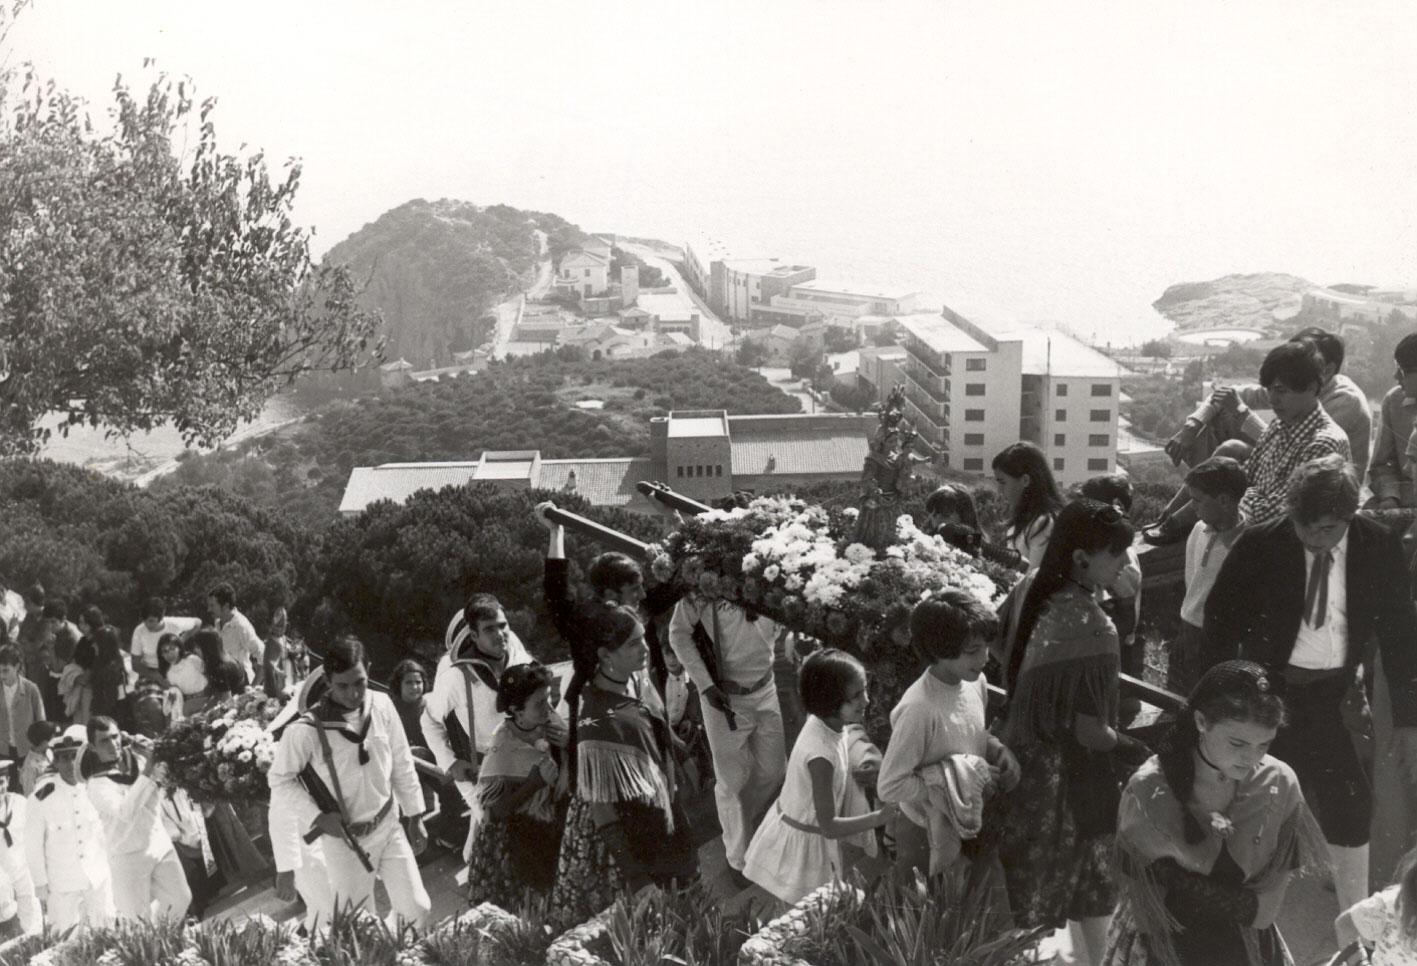 Arribada de la processó a l'ermita de Sant Elm a principis dels 70 AMSFG. Col·lecció Municipal d'Imatges (Autor: desconegut)